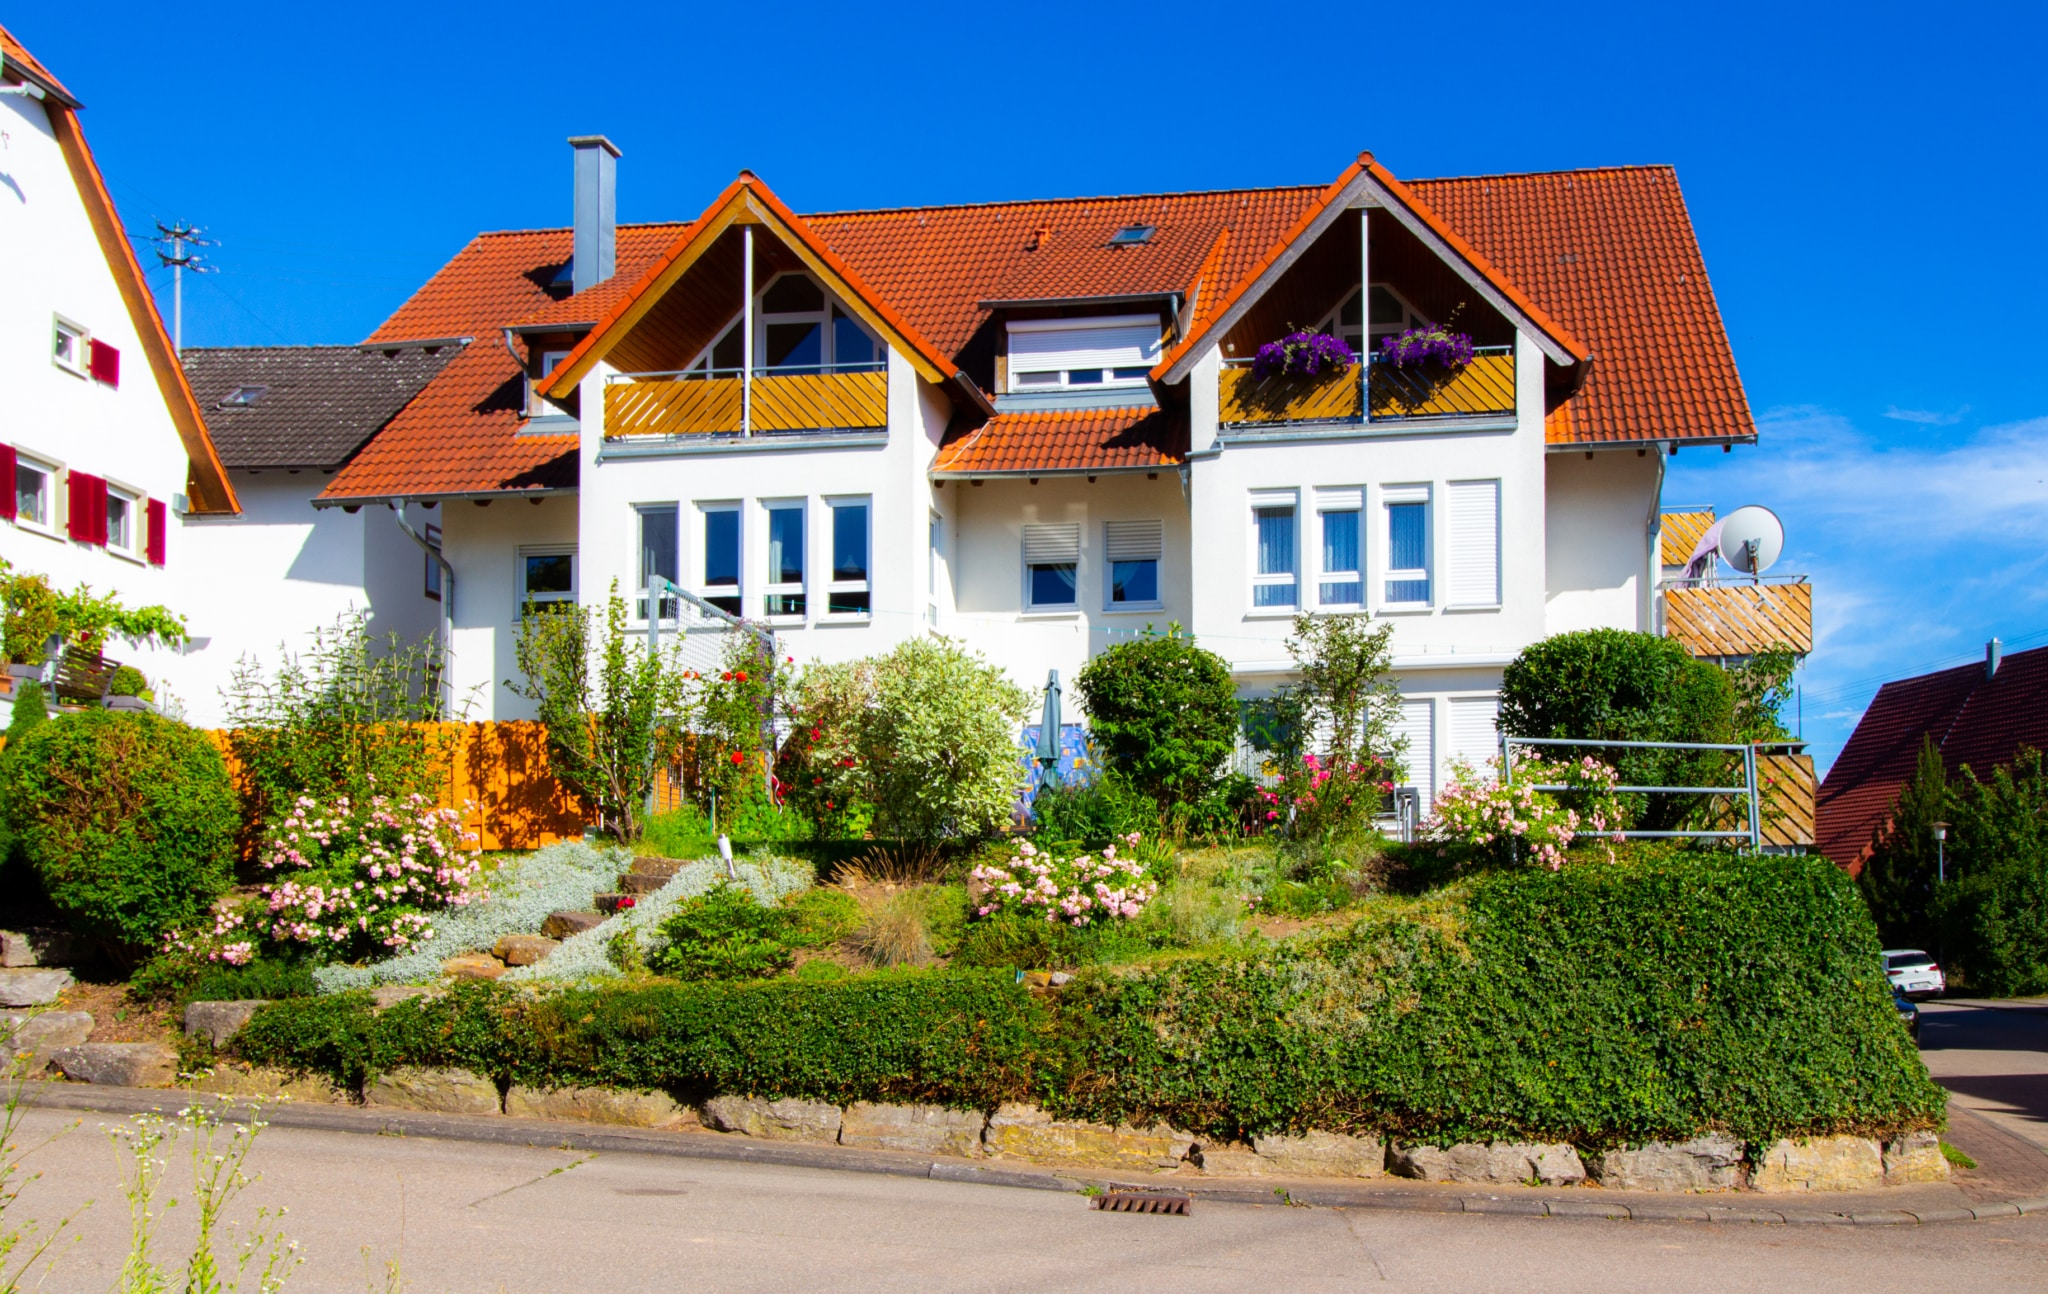 vermietete Immobilie verkaufen